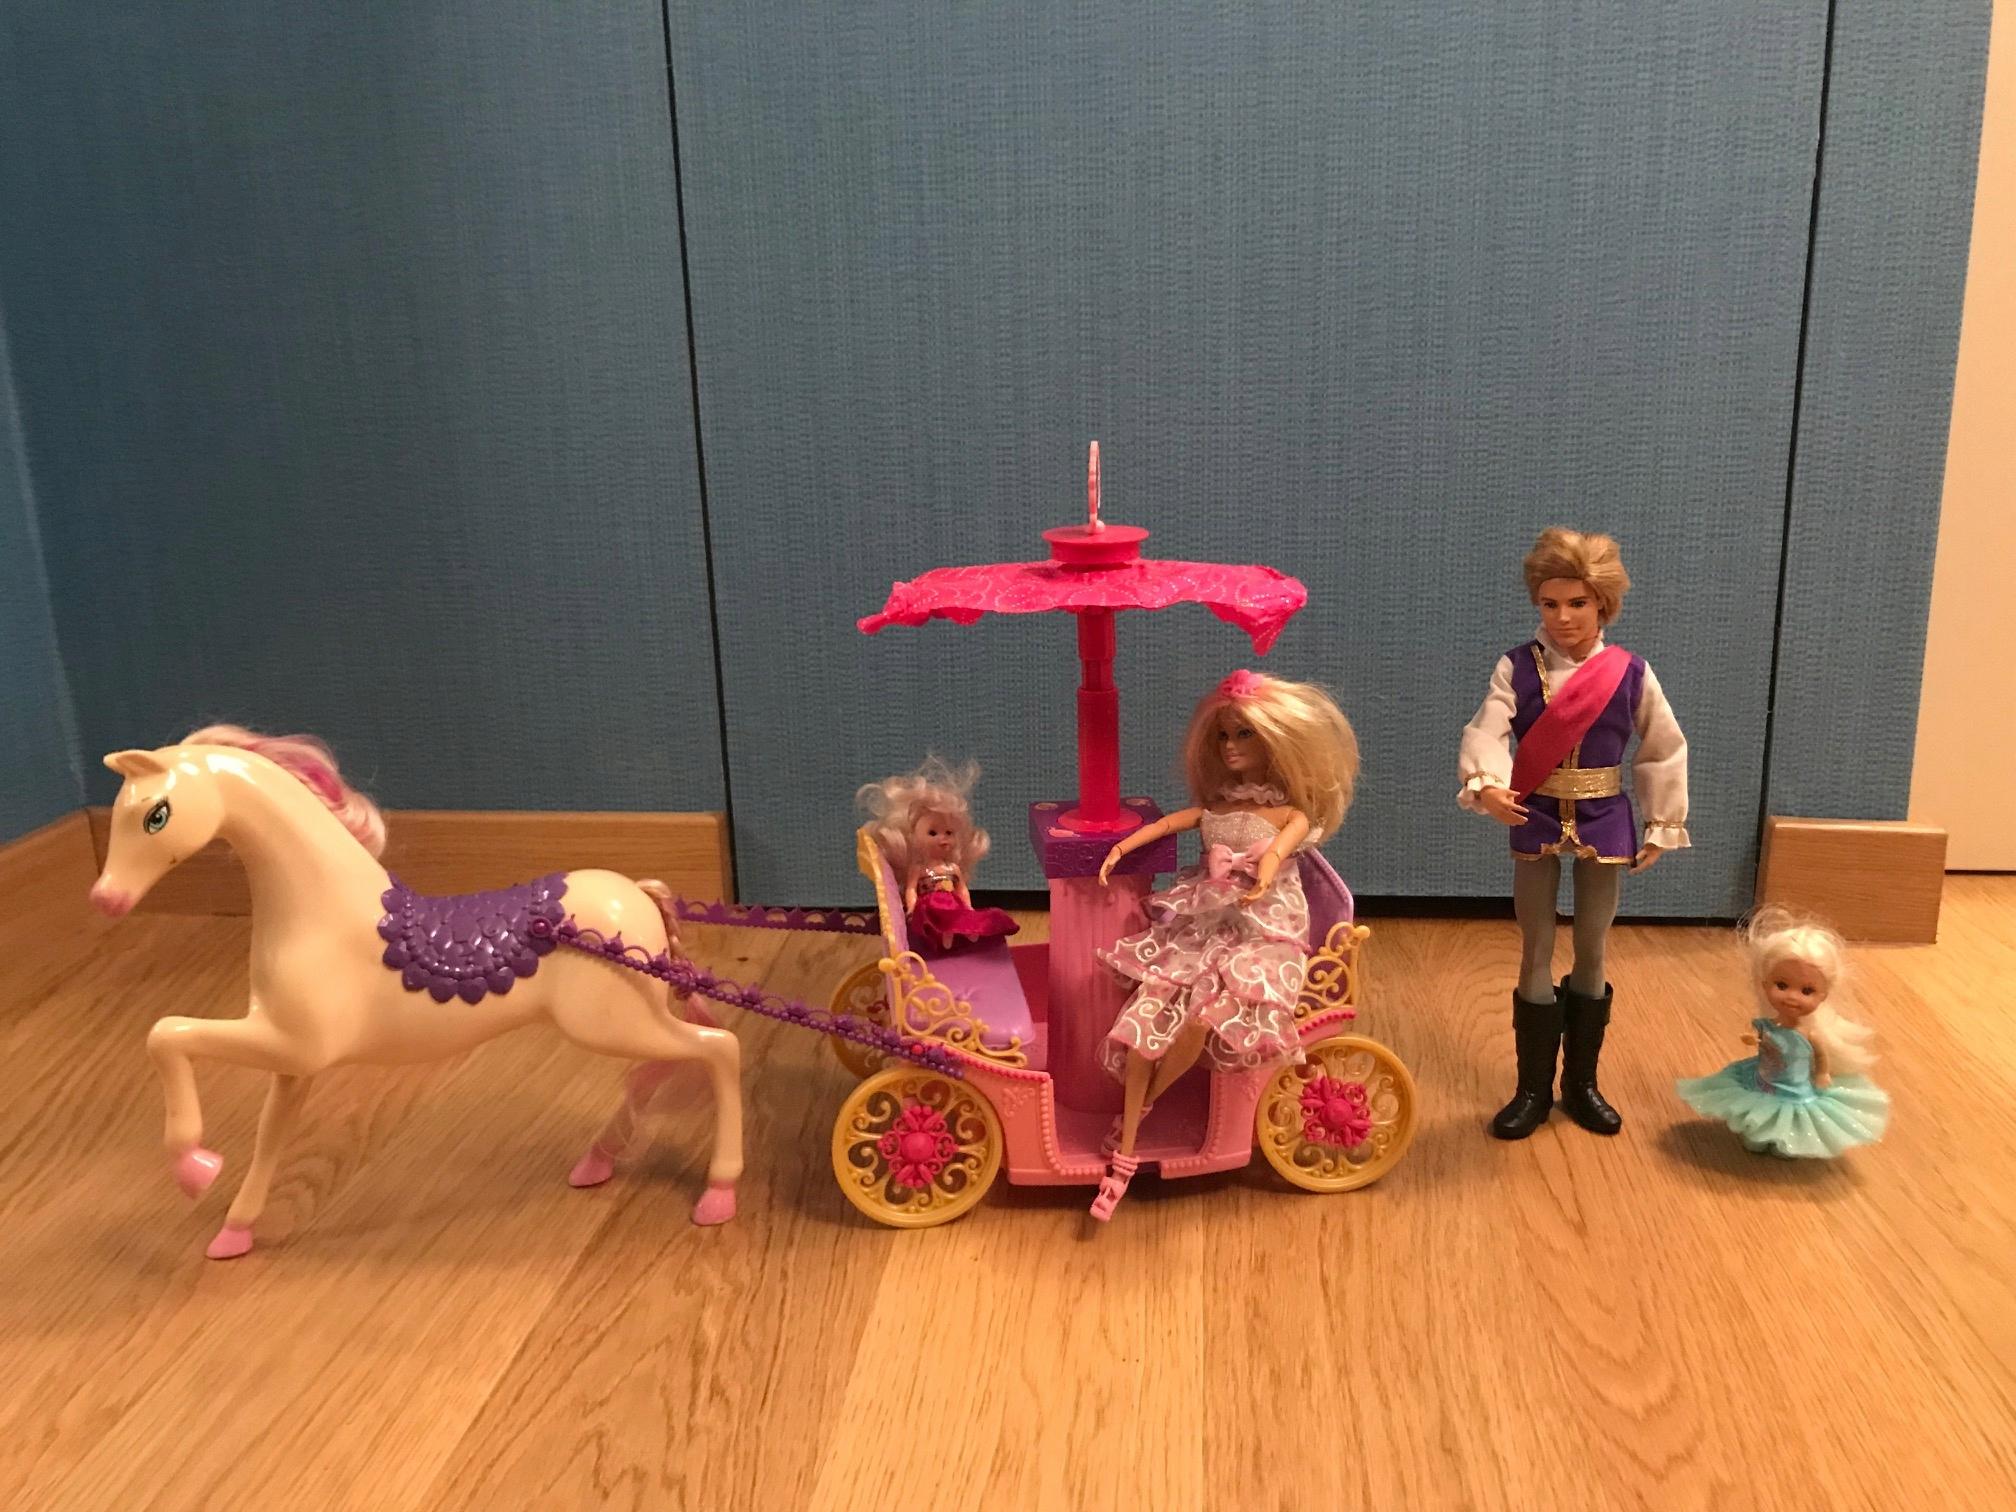 Barbie, Ken, karoca z koniem - super zestaw + inne